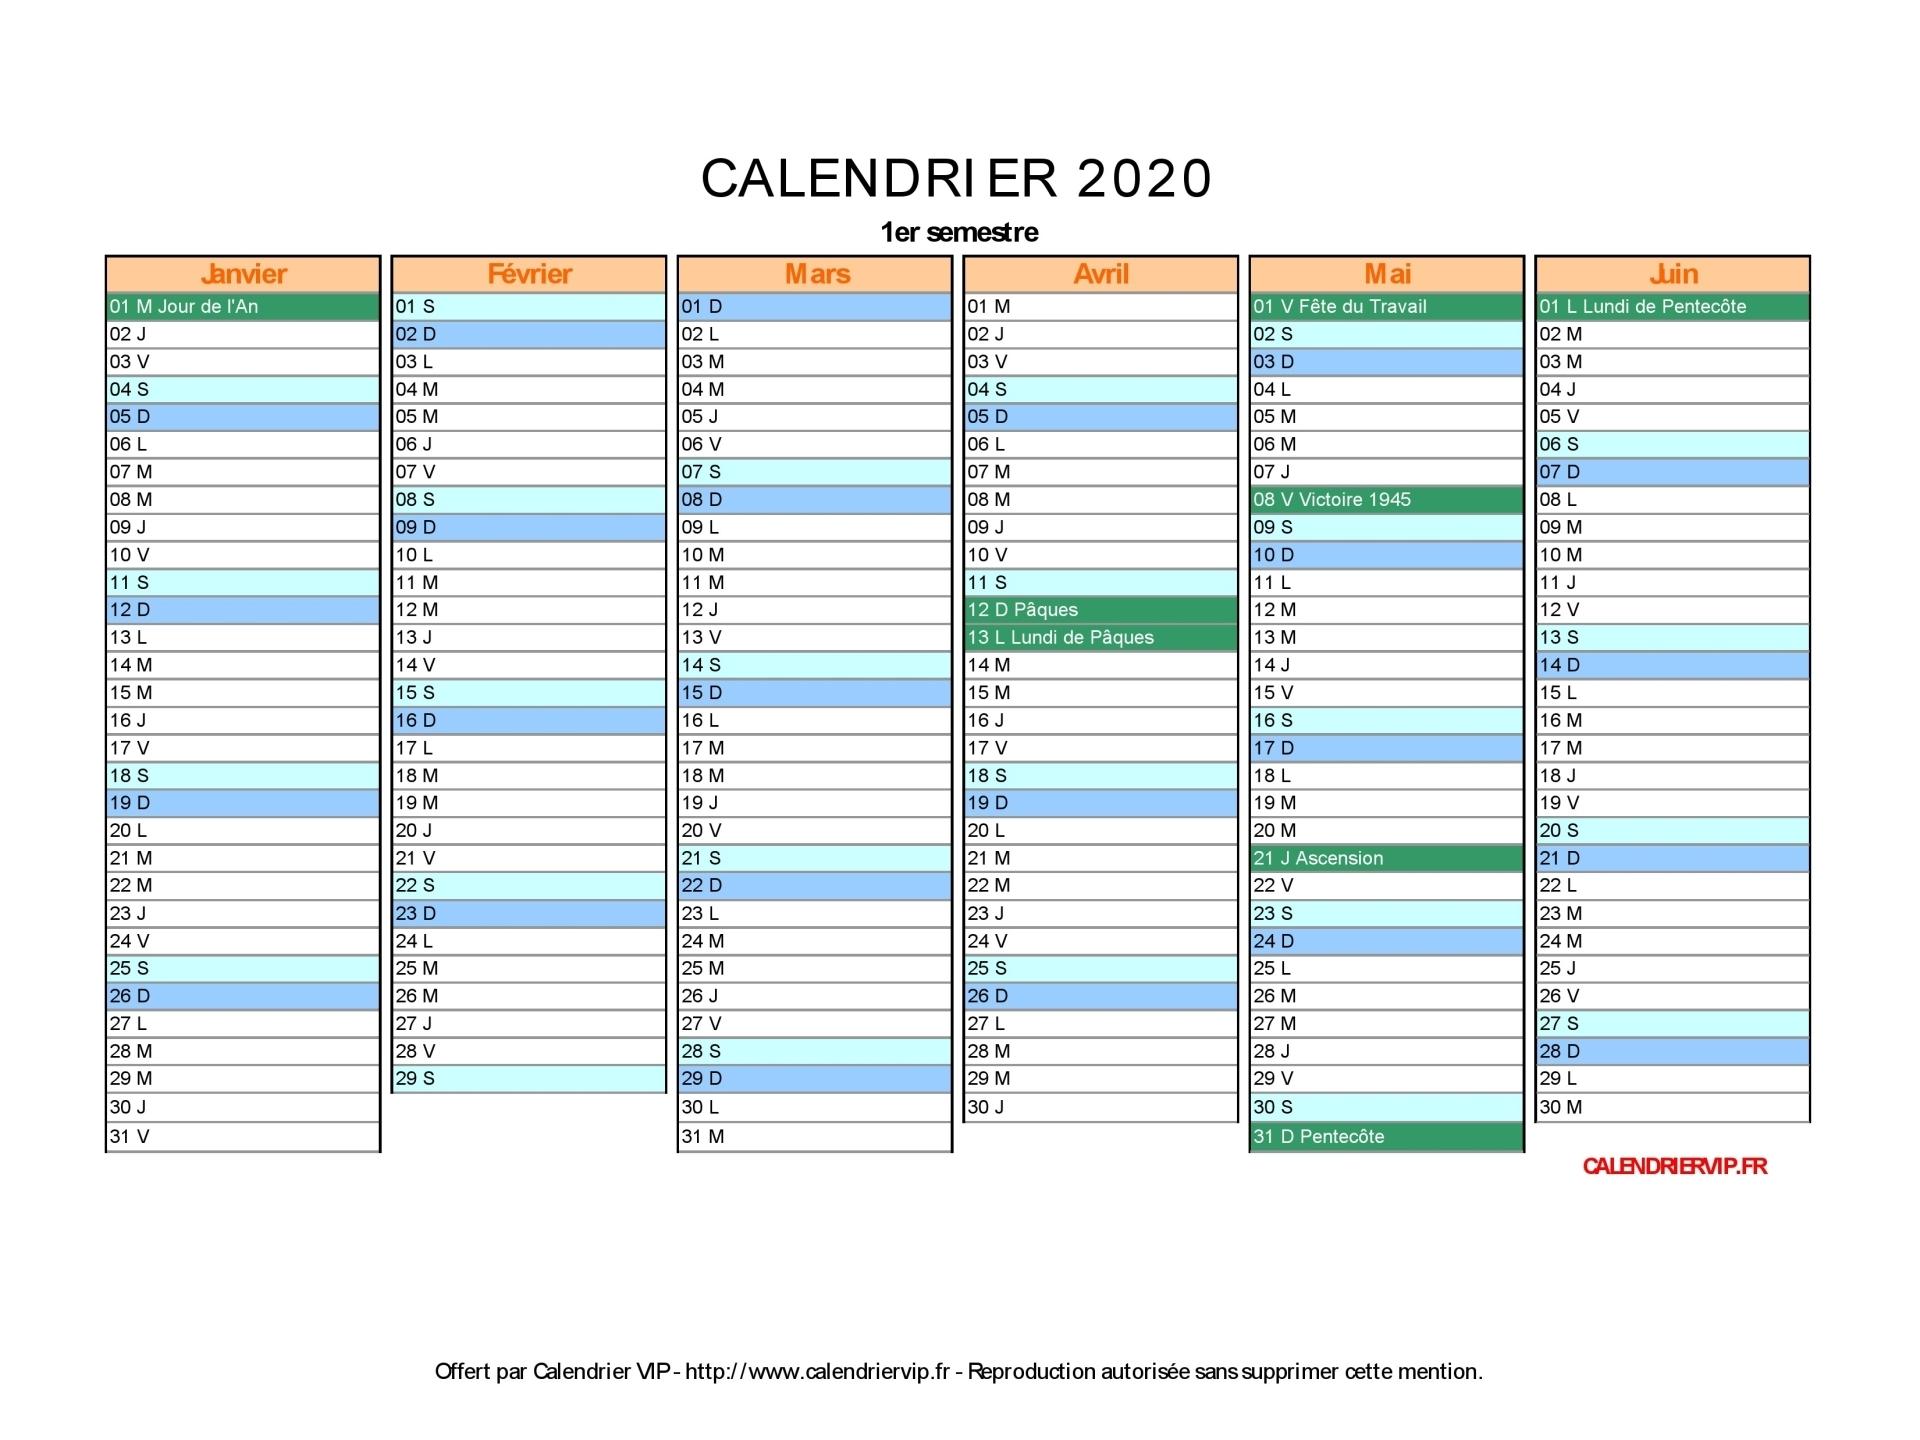 Calendrier Semaines 2020.Calendrier 2020 A Imprimer Gratuit En Pdf Et Excel